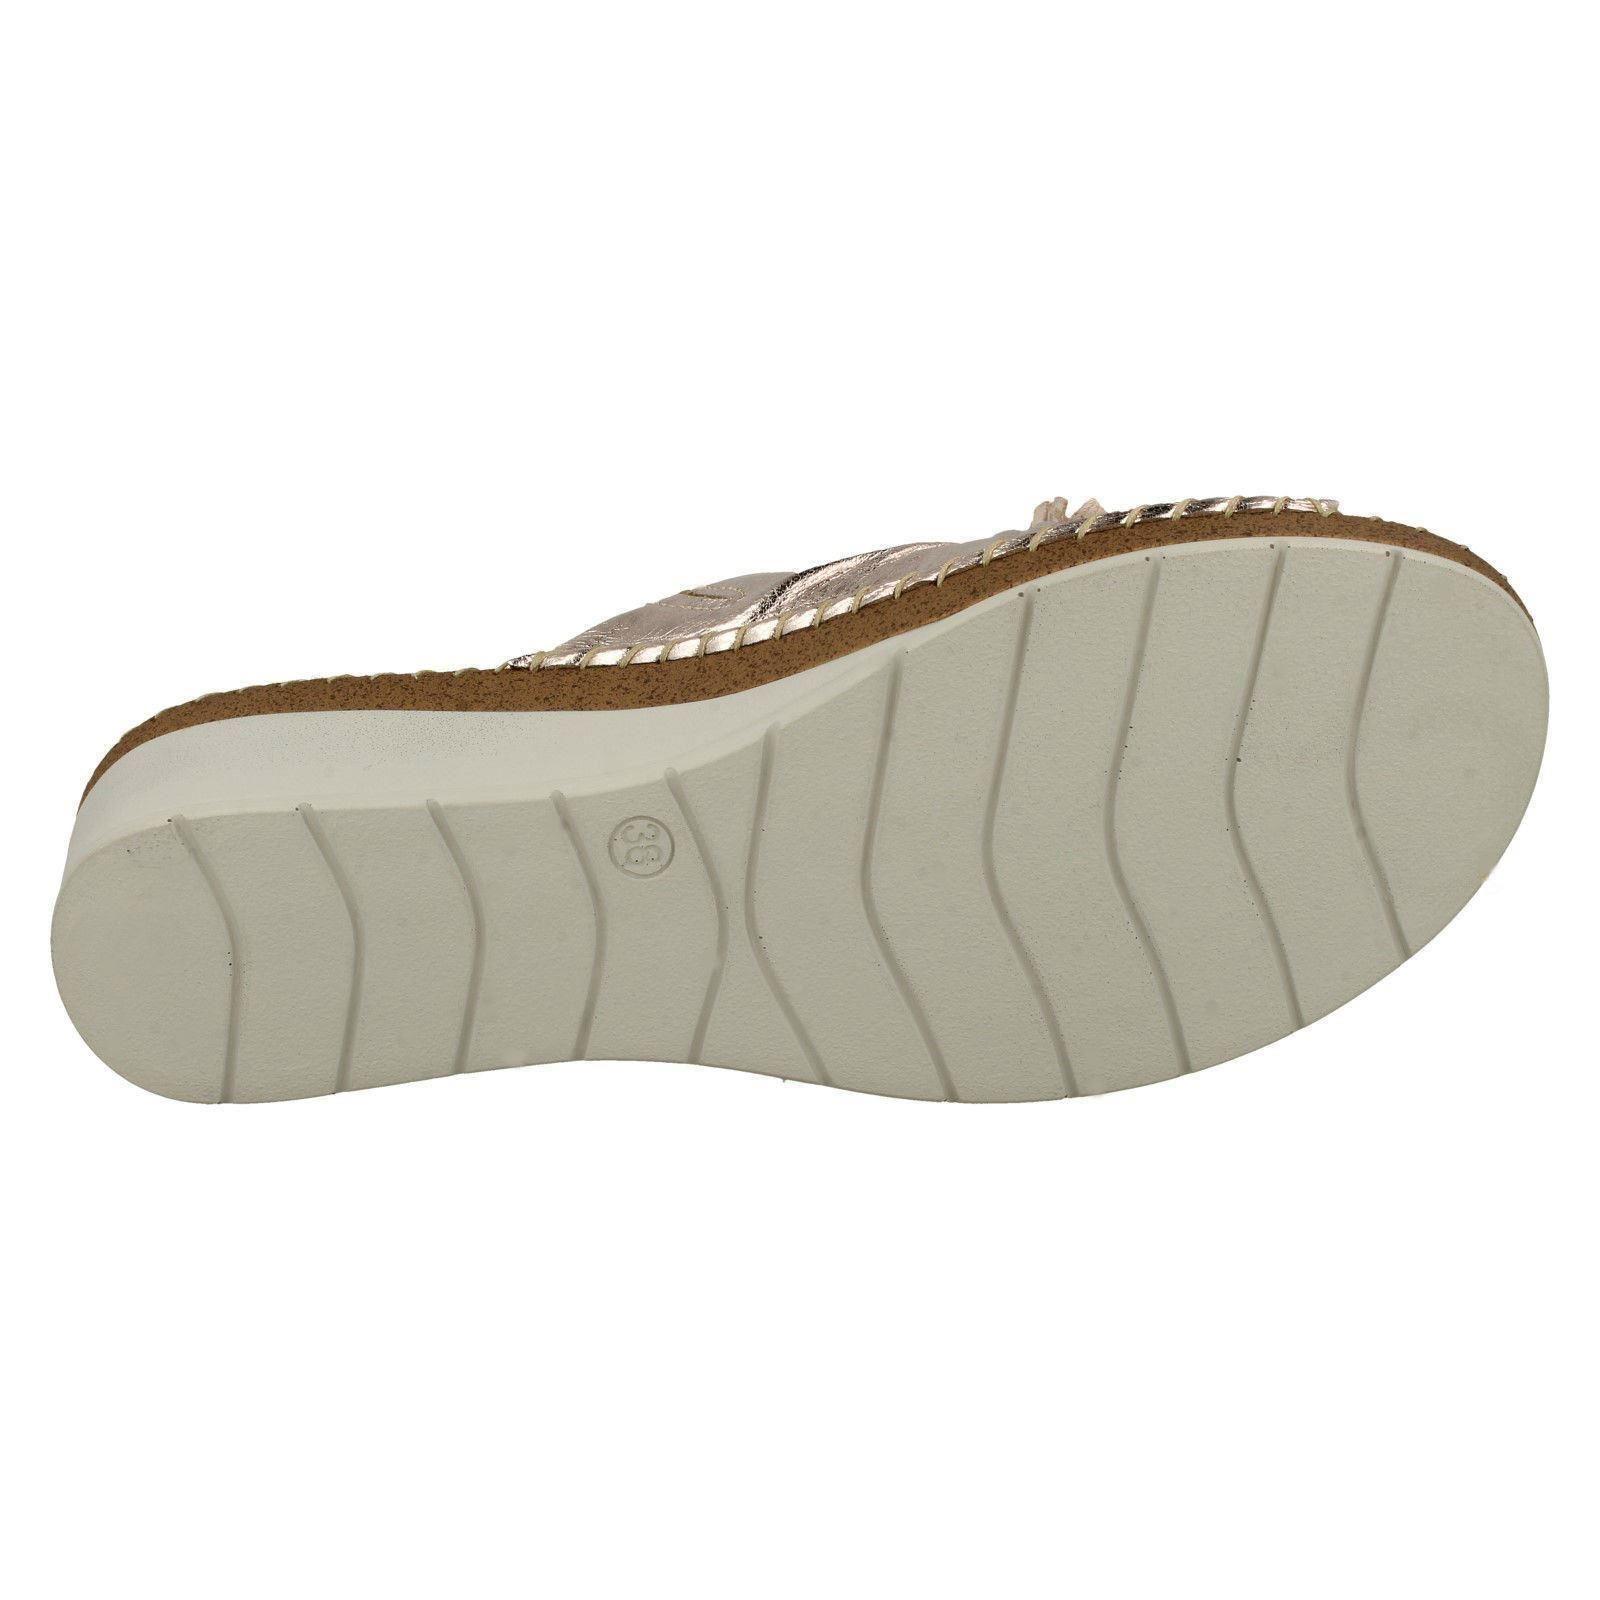 Ladies-Van-Dal-Wedge-Heel-Mule-Sandals-039-Banks-039 thumbnail 7